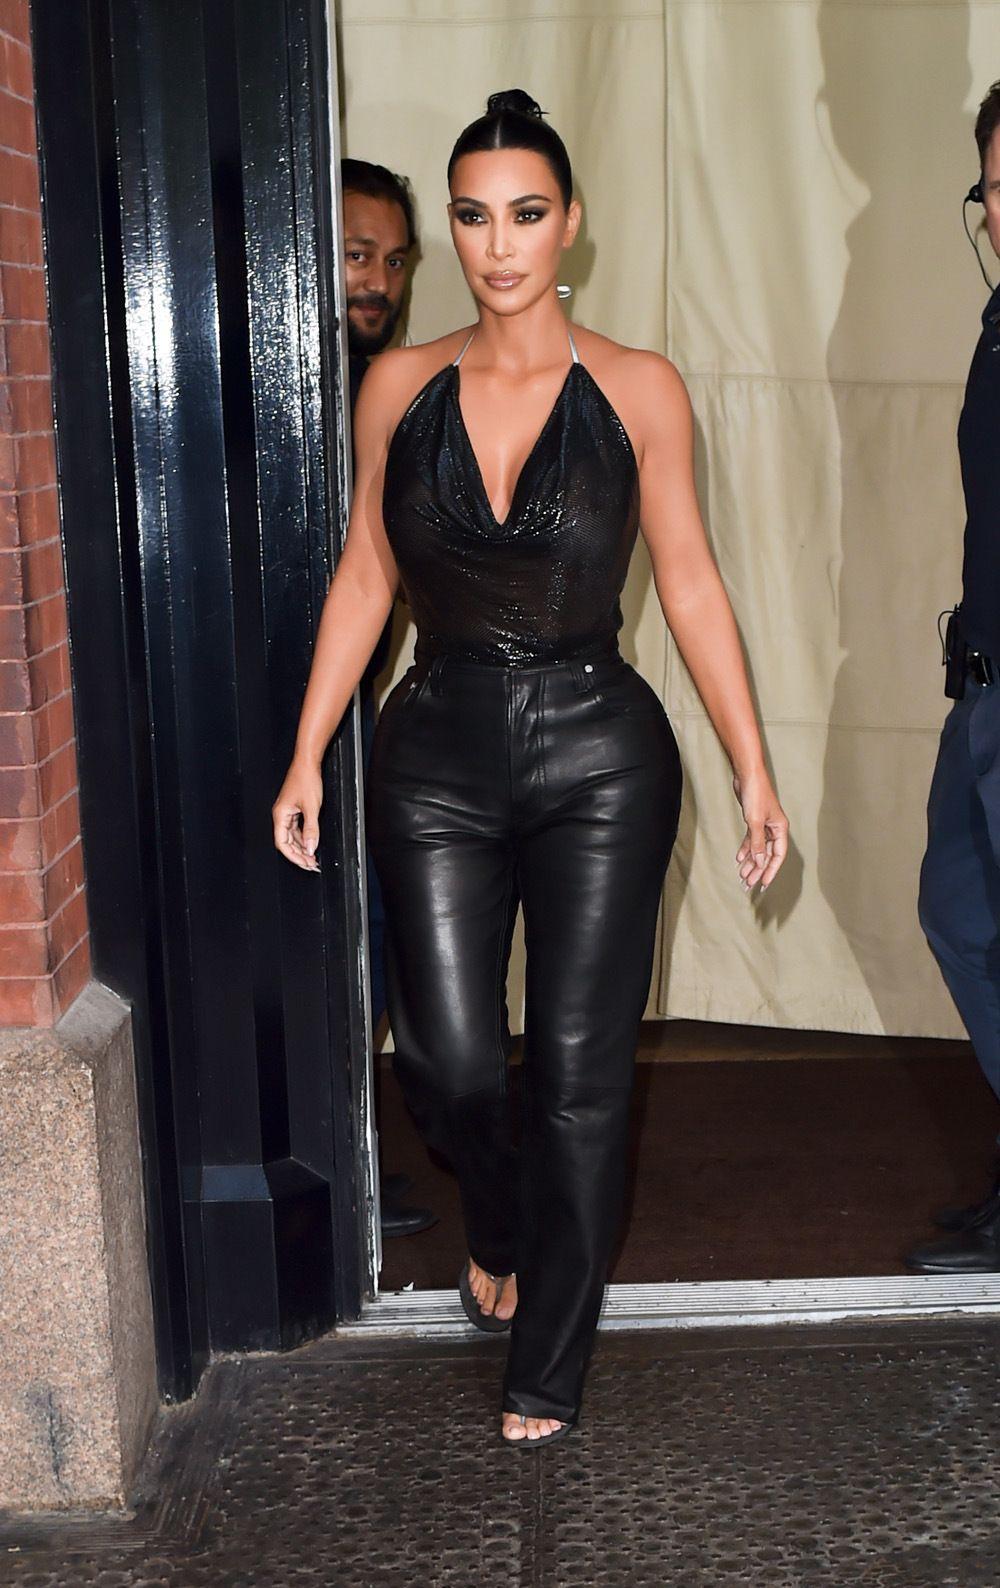 Kim Kardashian's Hottest Photos Of 2019